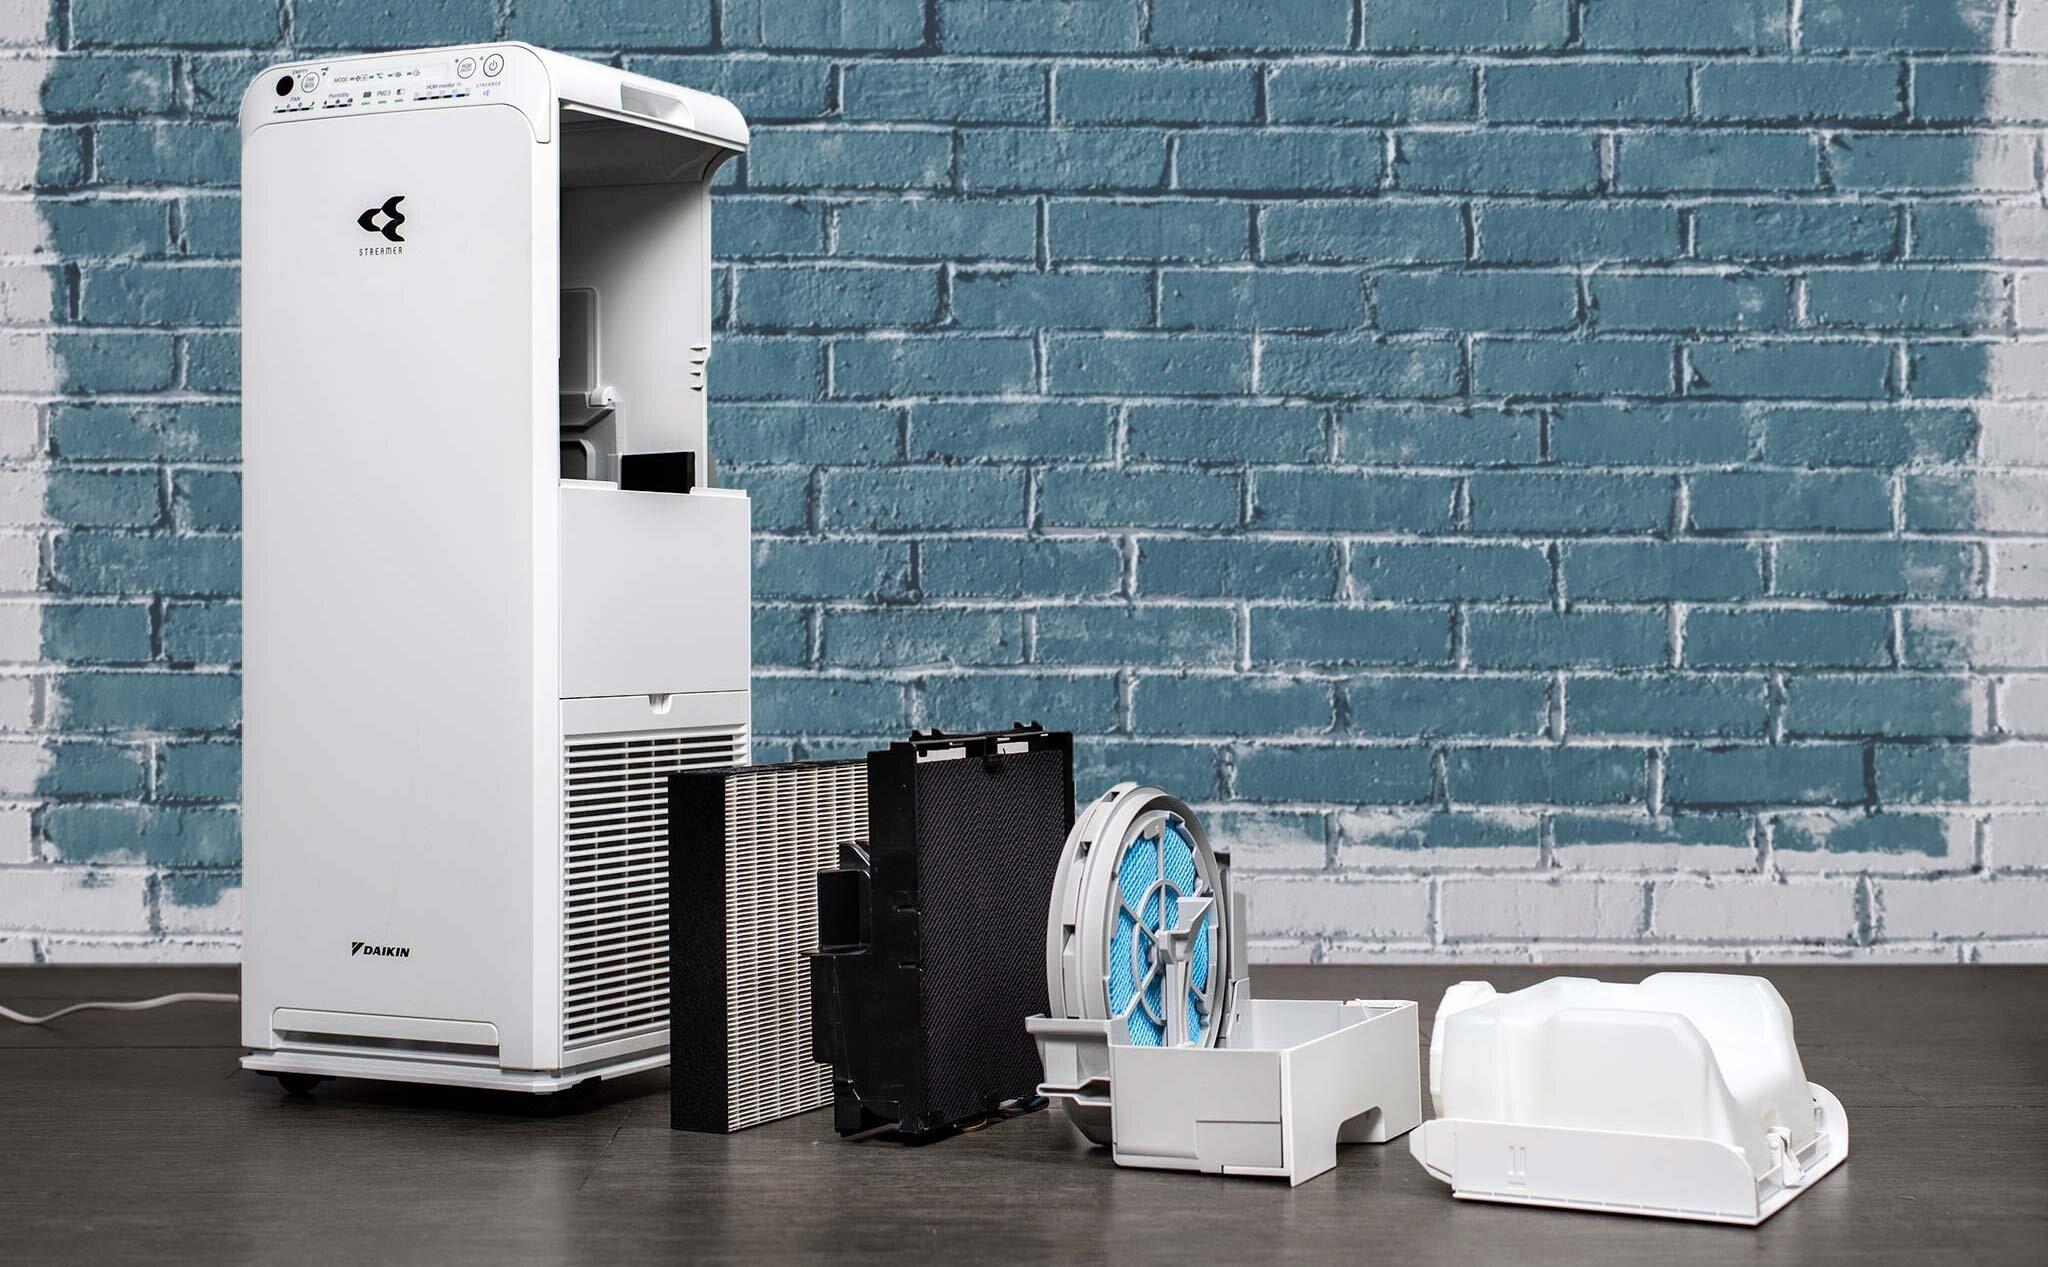 """Màng lọc không khí được ví như """"linh hồn"""" của bất kì máy lọc không khí nào, là yếu tố cần quan tâm đầu tiên khi lựa chọn sản phẩm"""